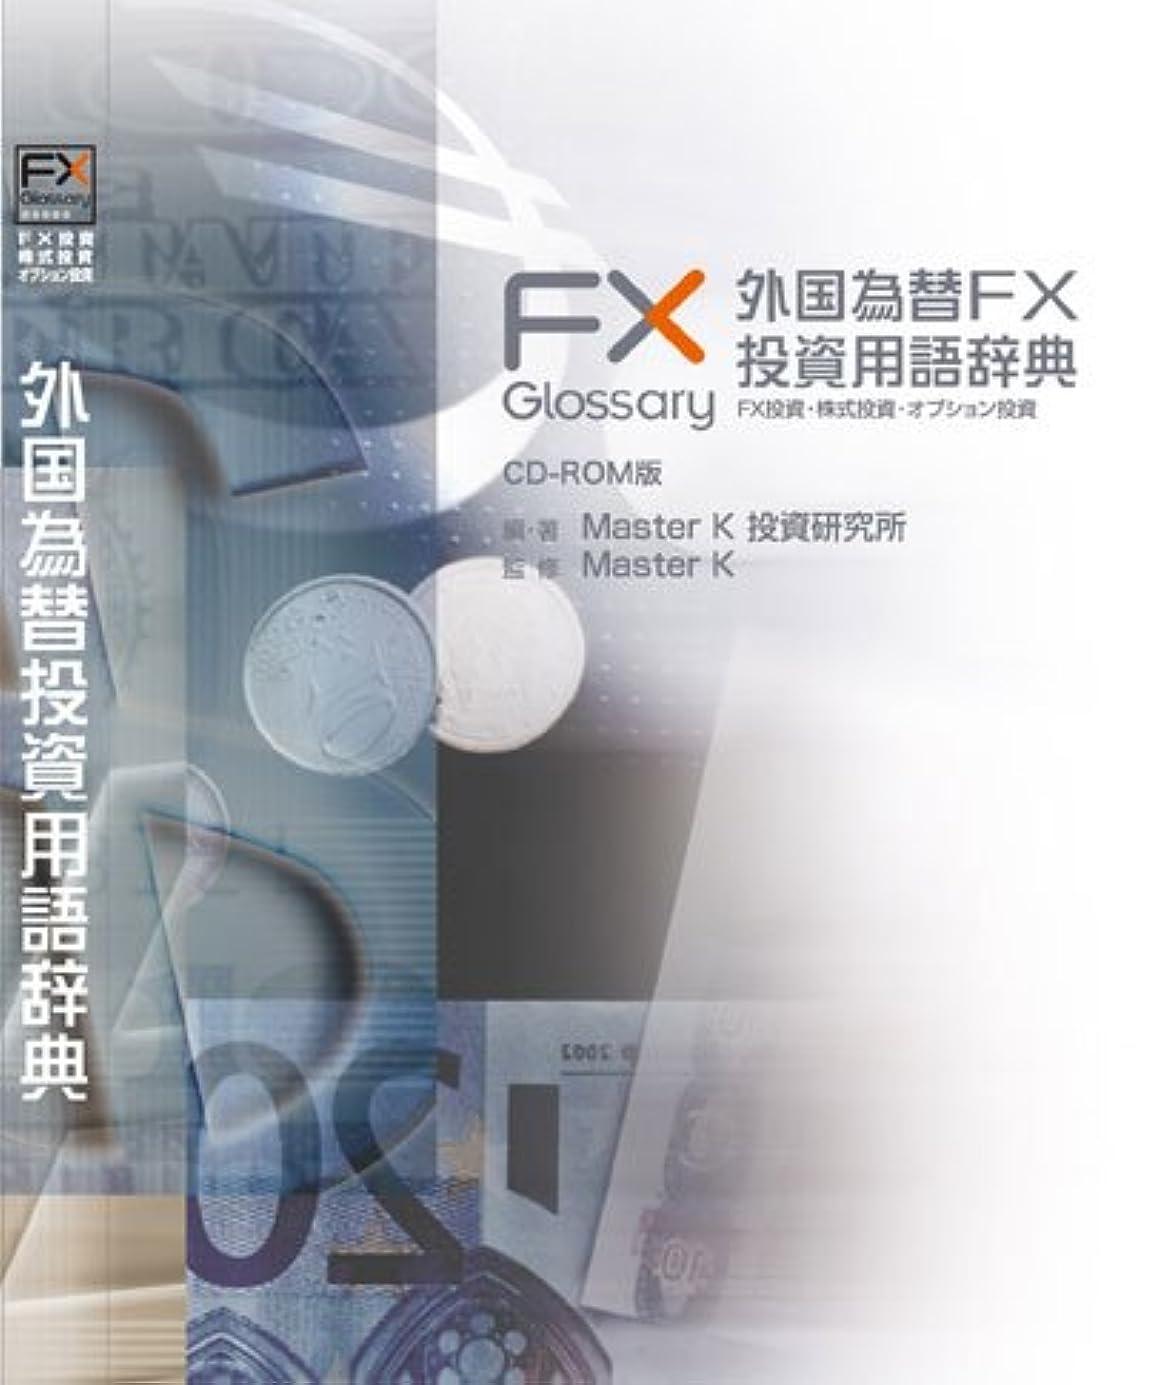 バルーンメドレー願う外国為替FX投資用語辞典